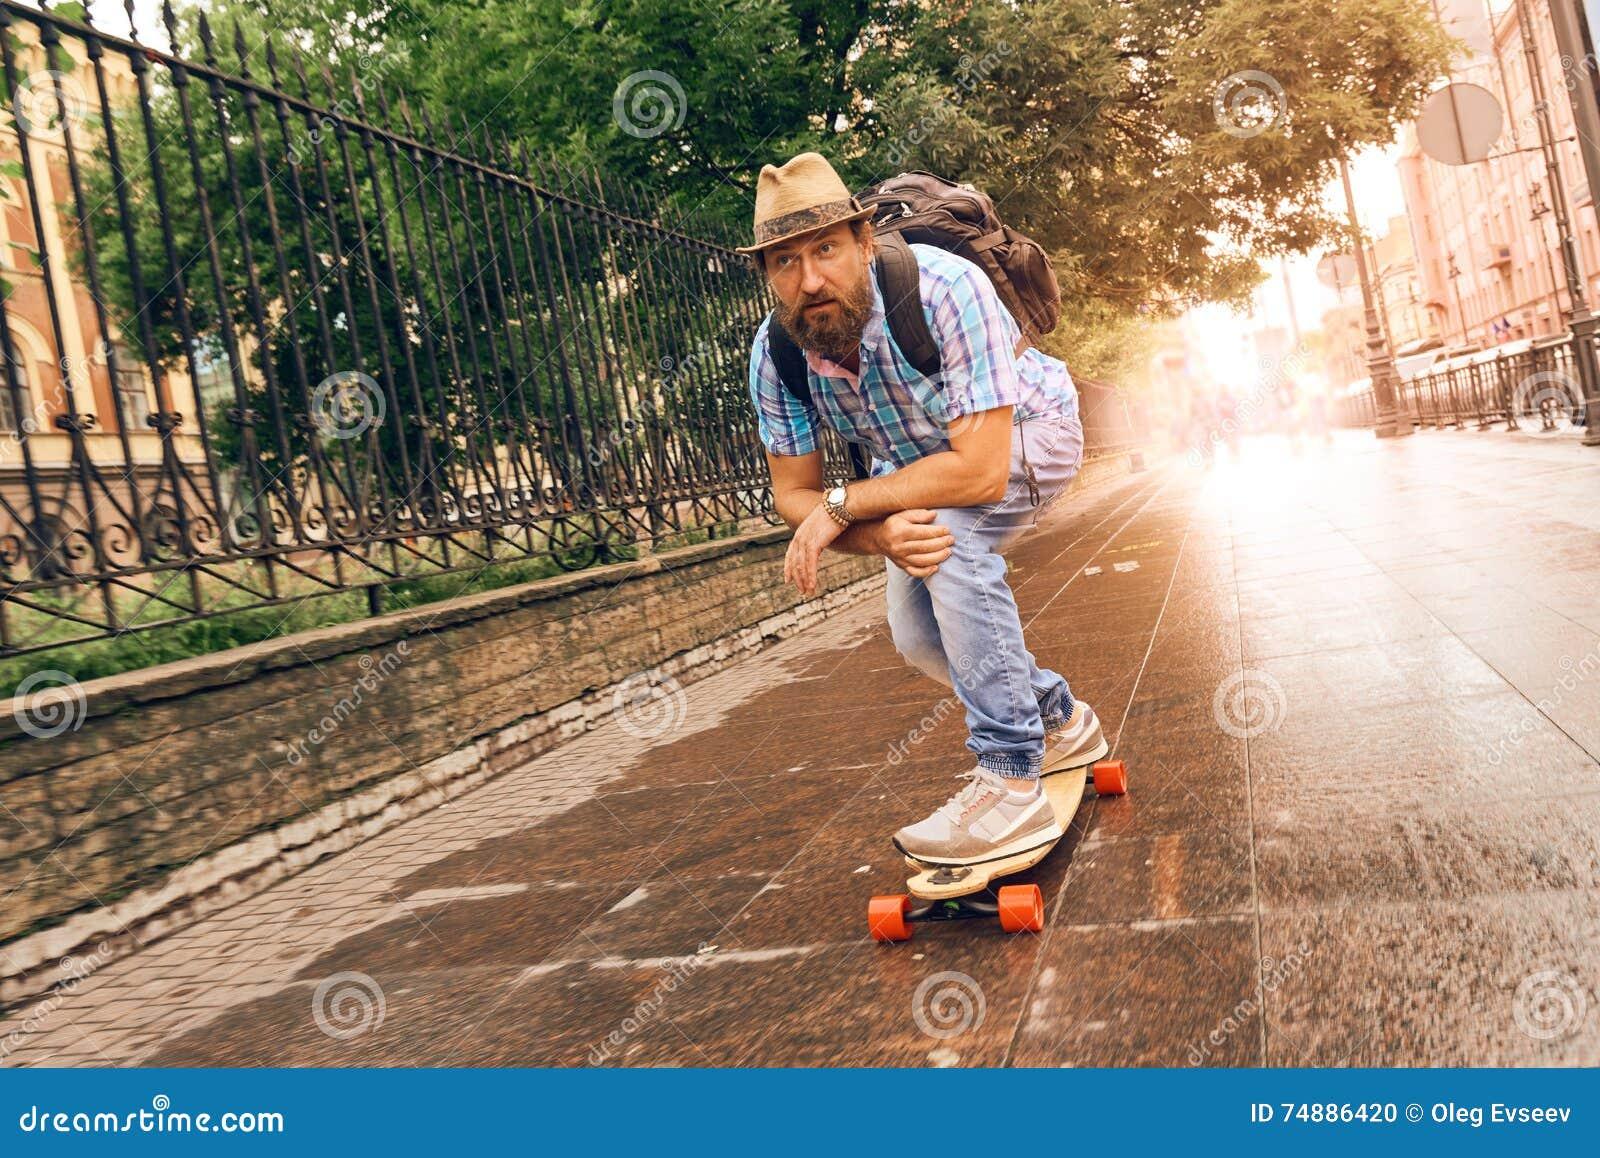 Montando no longboard nas ruas urbanas, ajuste do conceito do estilo de vida